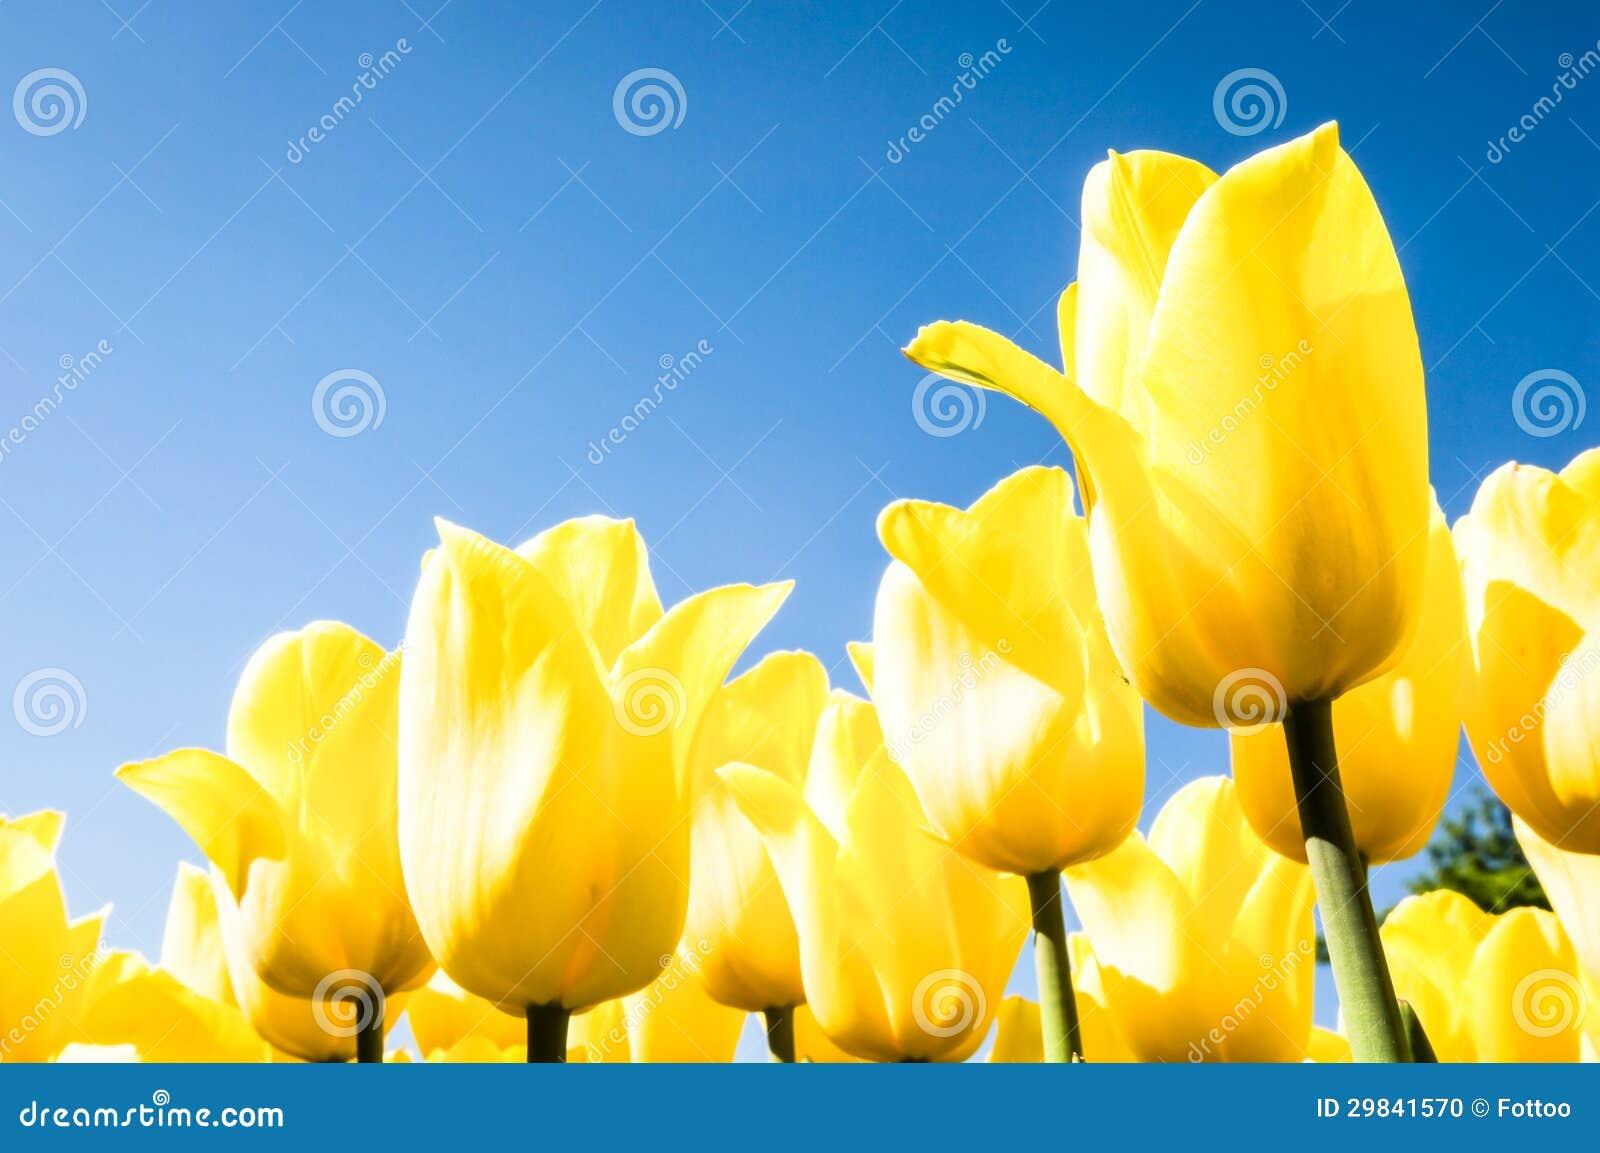 Tulipas - tulipa